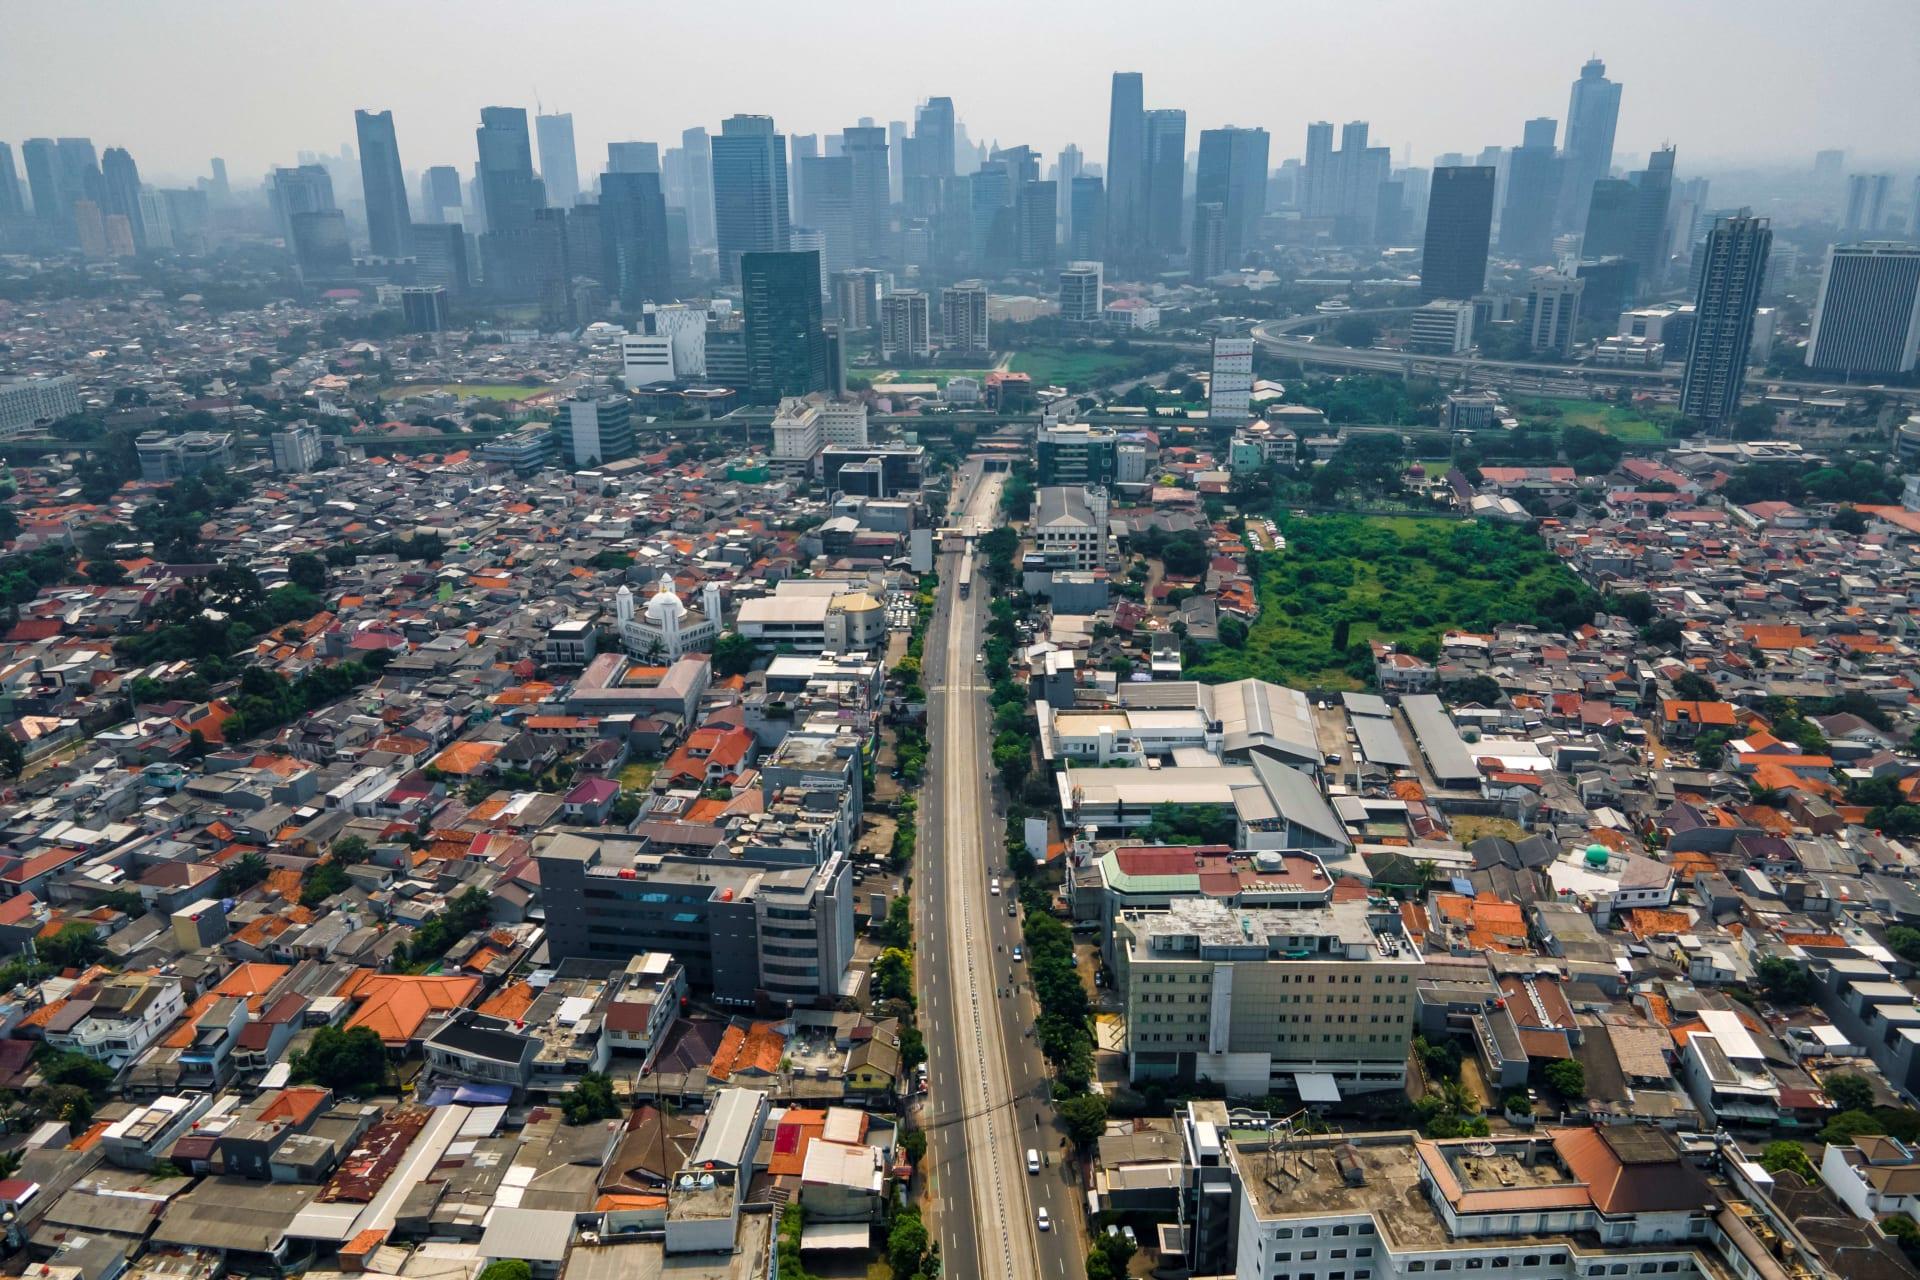 صورة ارشيفية لطريق يؤدي إلى قلب العاصمة الإندونيسية جاكارتا